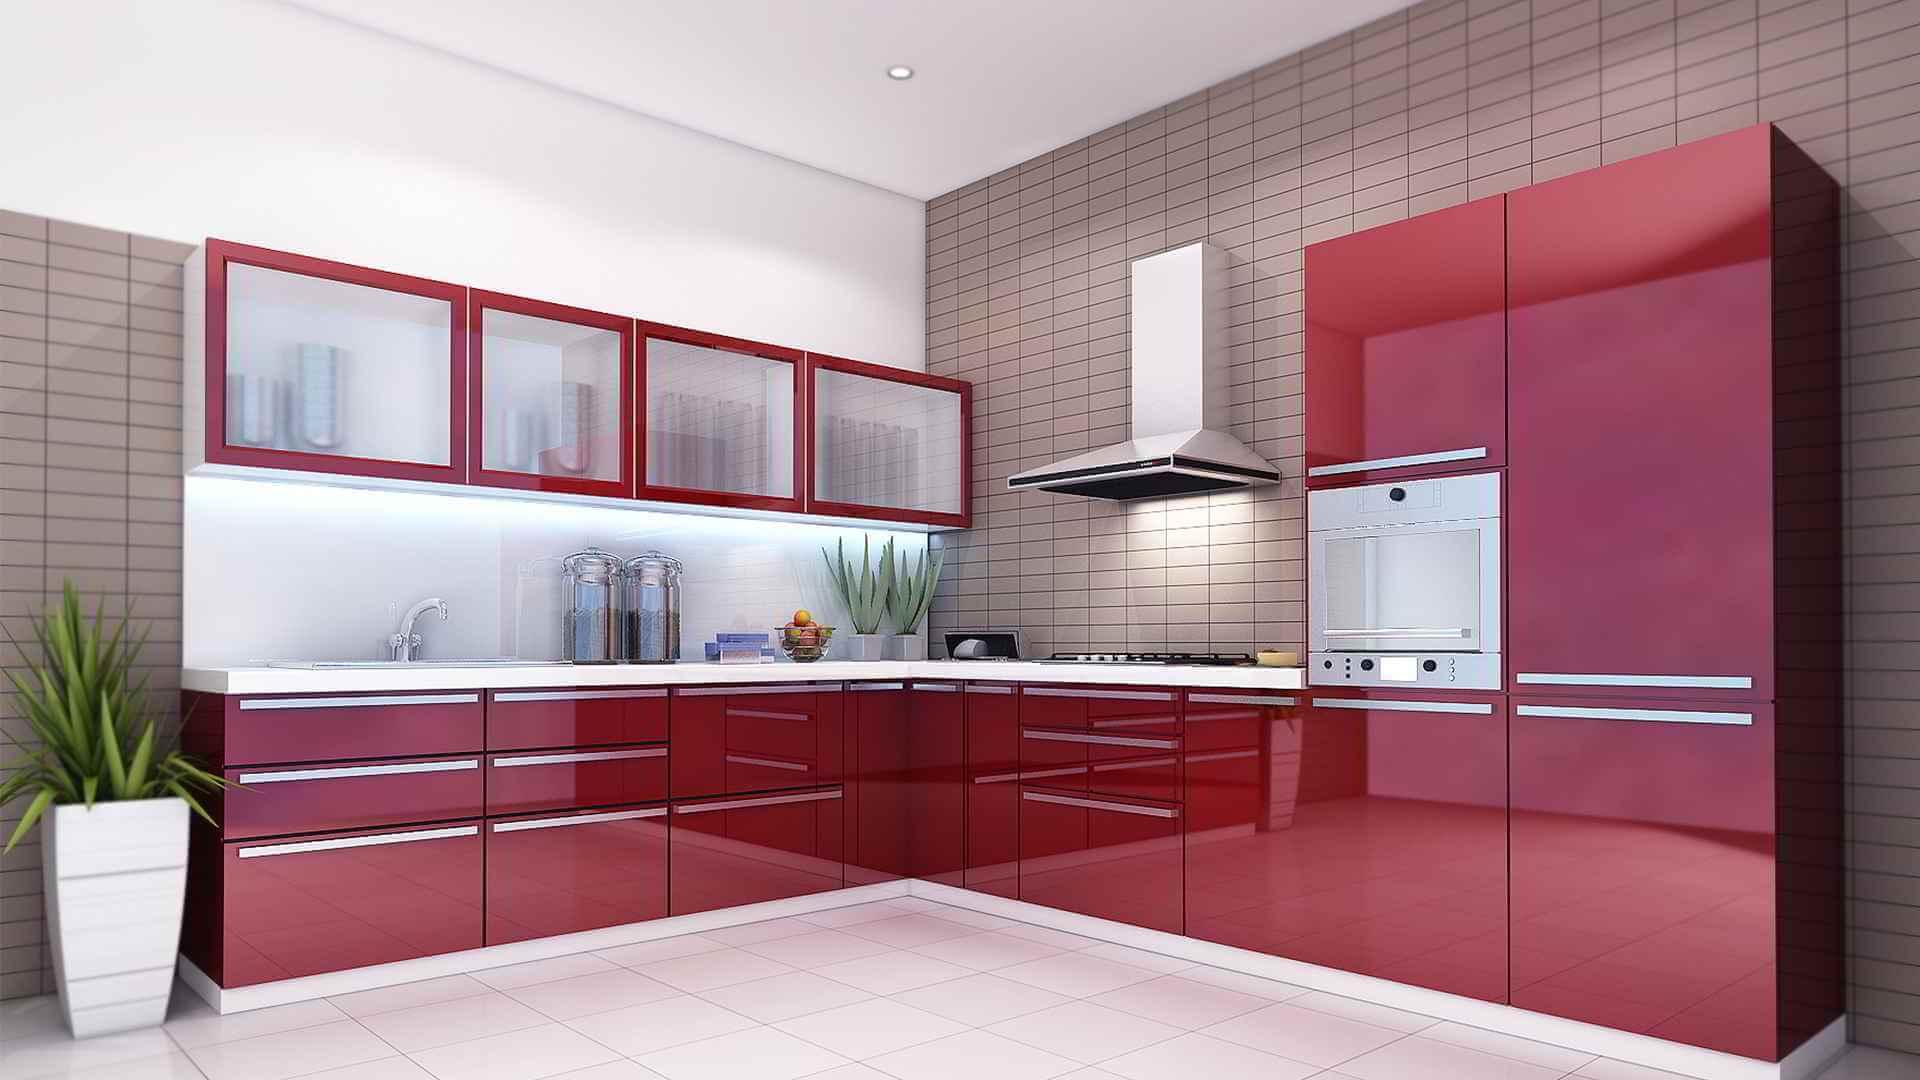 Best Kitchen Designs and Ideas